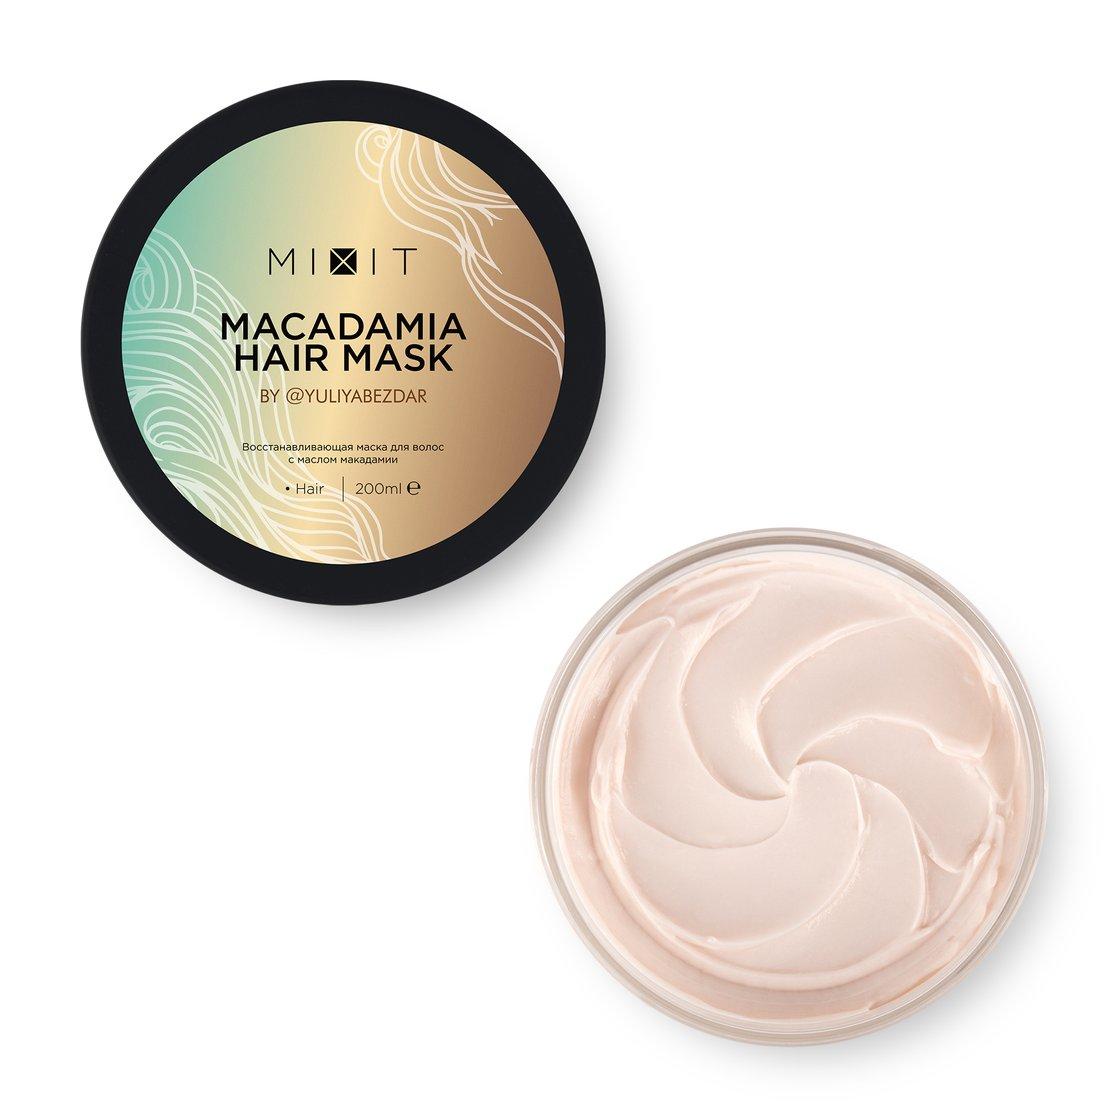 Купить Восстанавливающая маска для волос с маслом макадамии, 200 мл, Mixit